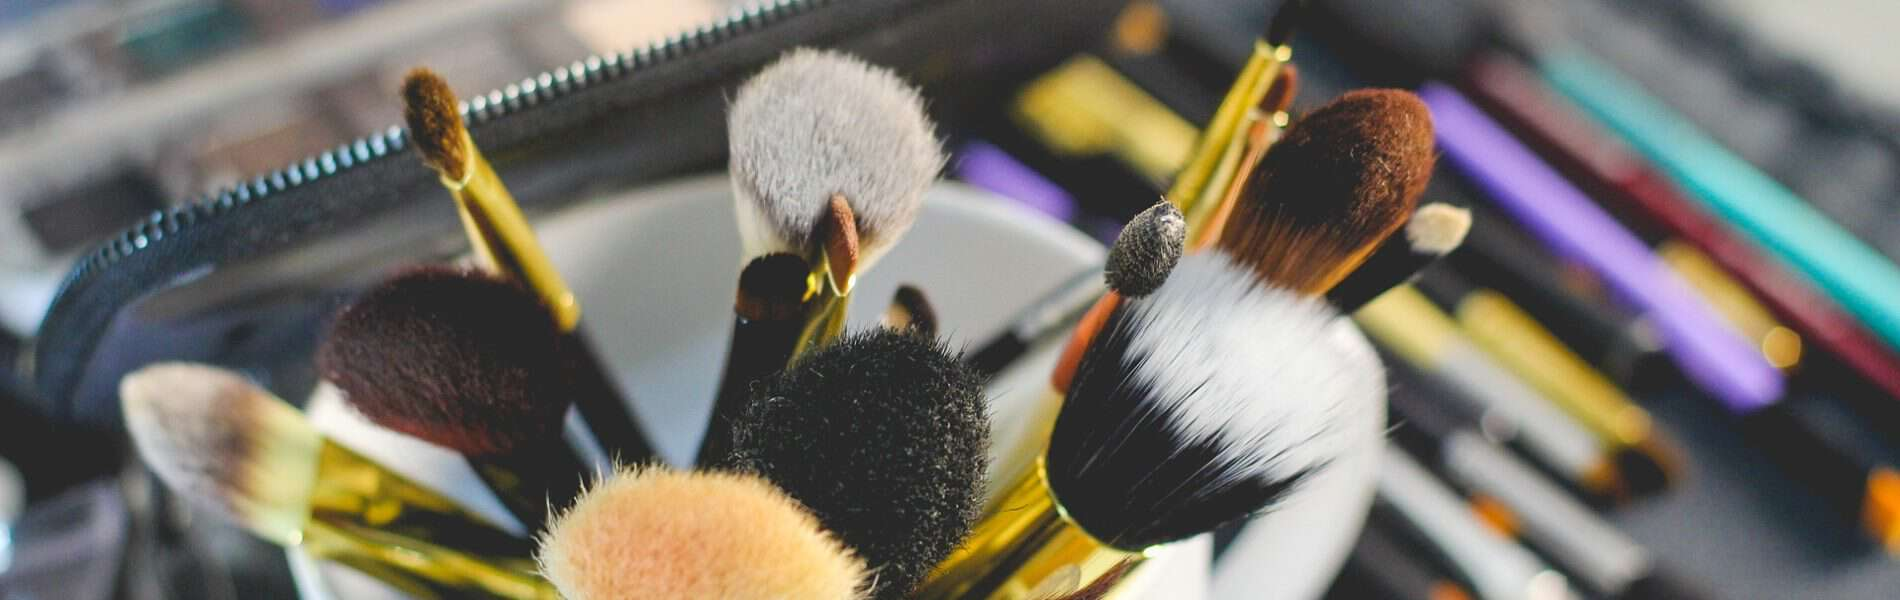 חמשת הקורסים המומלצים בתחום היופי